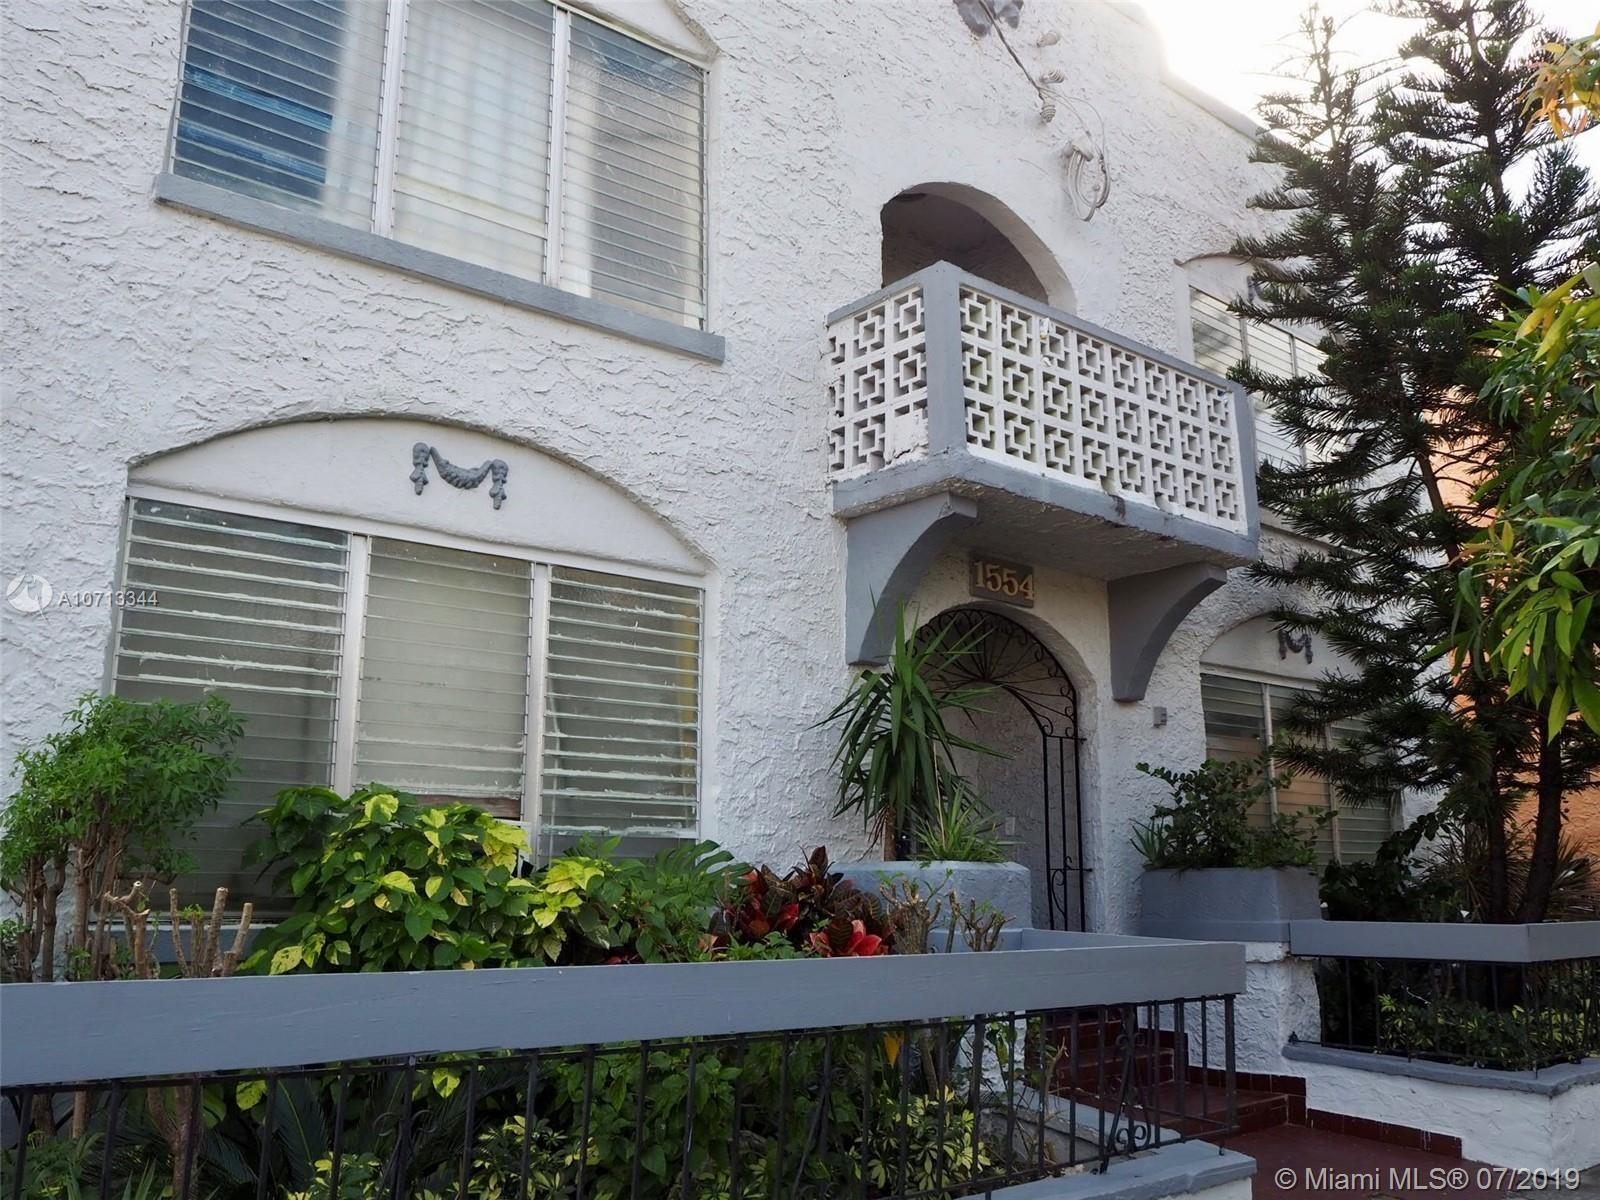 1554 SW 5th St, Miami, FL 33135